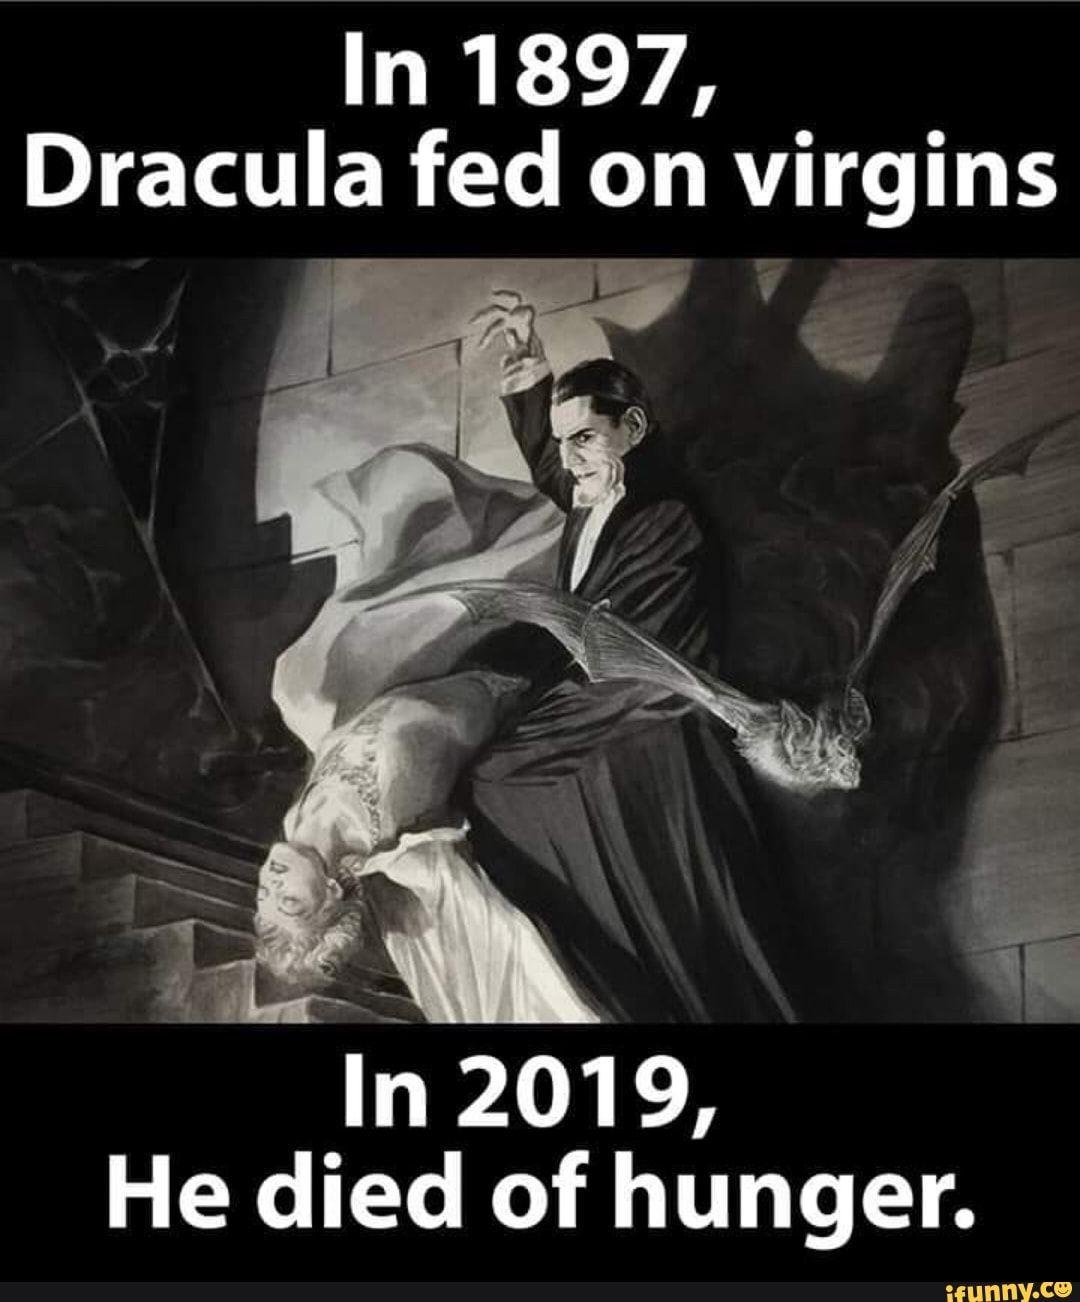 In 1897 Dracula Fed On Virgins Of Hunger In 2019 He Died